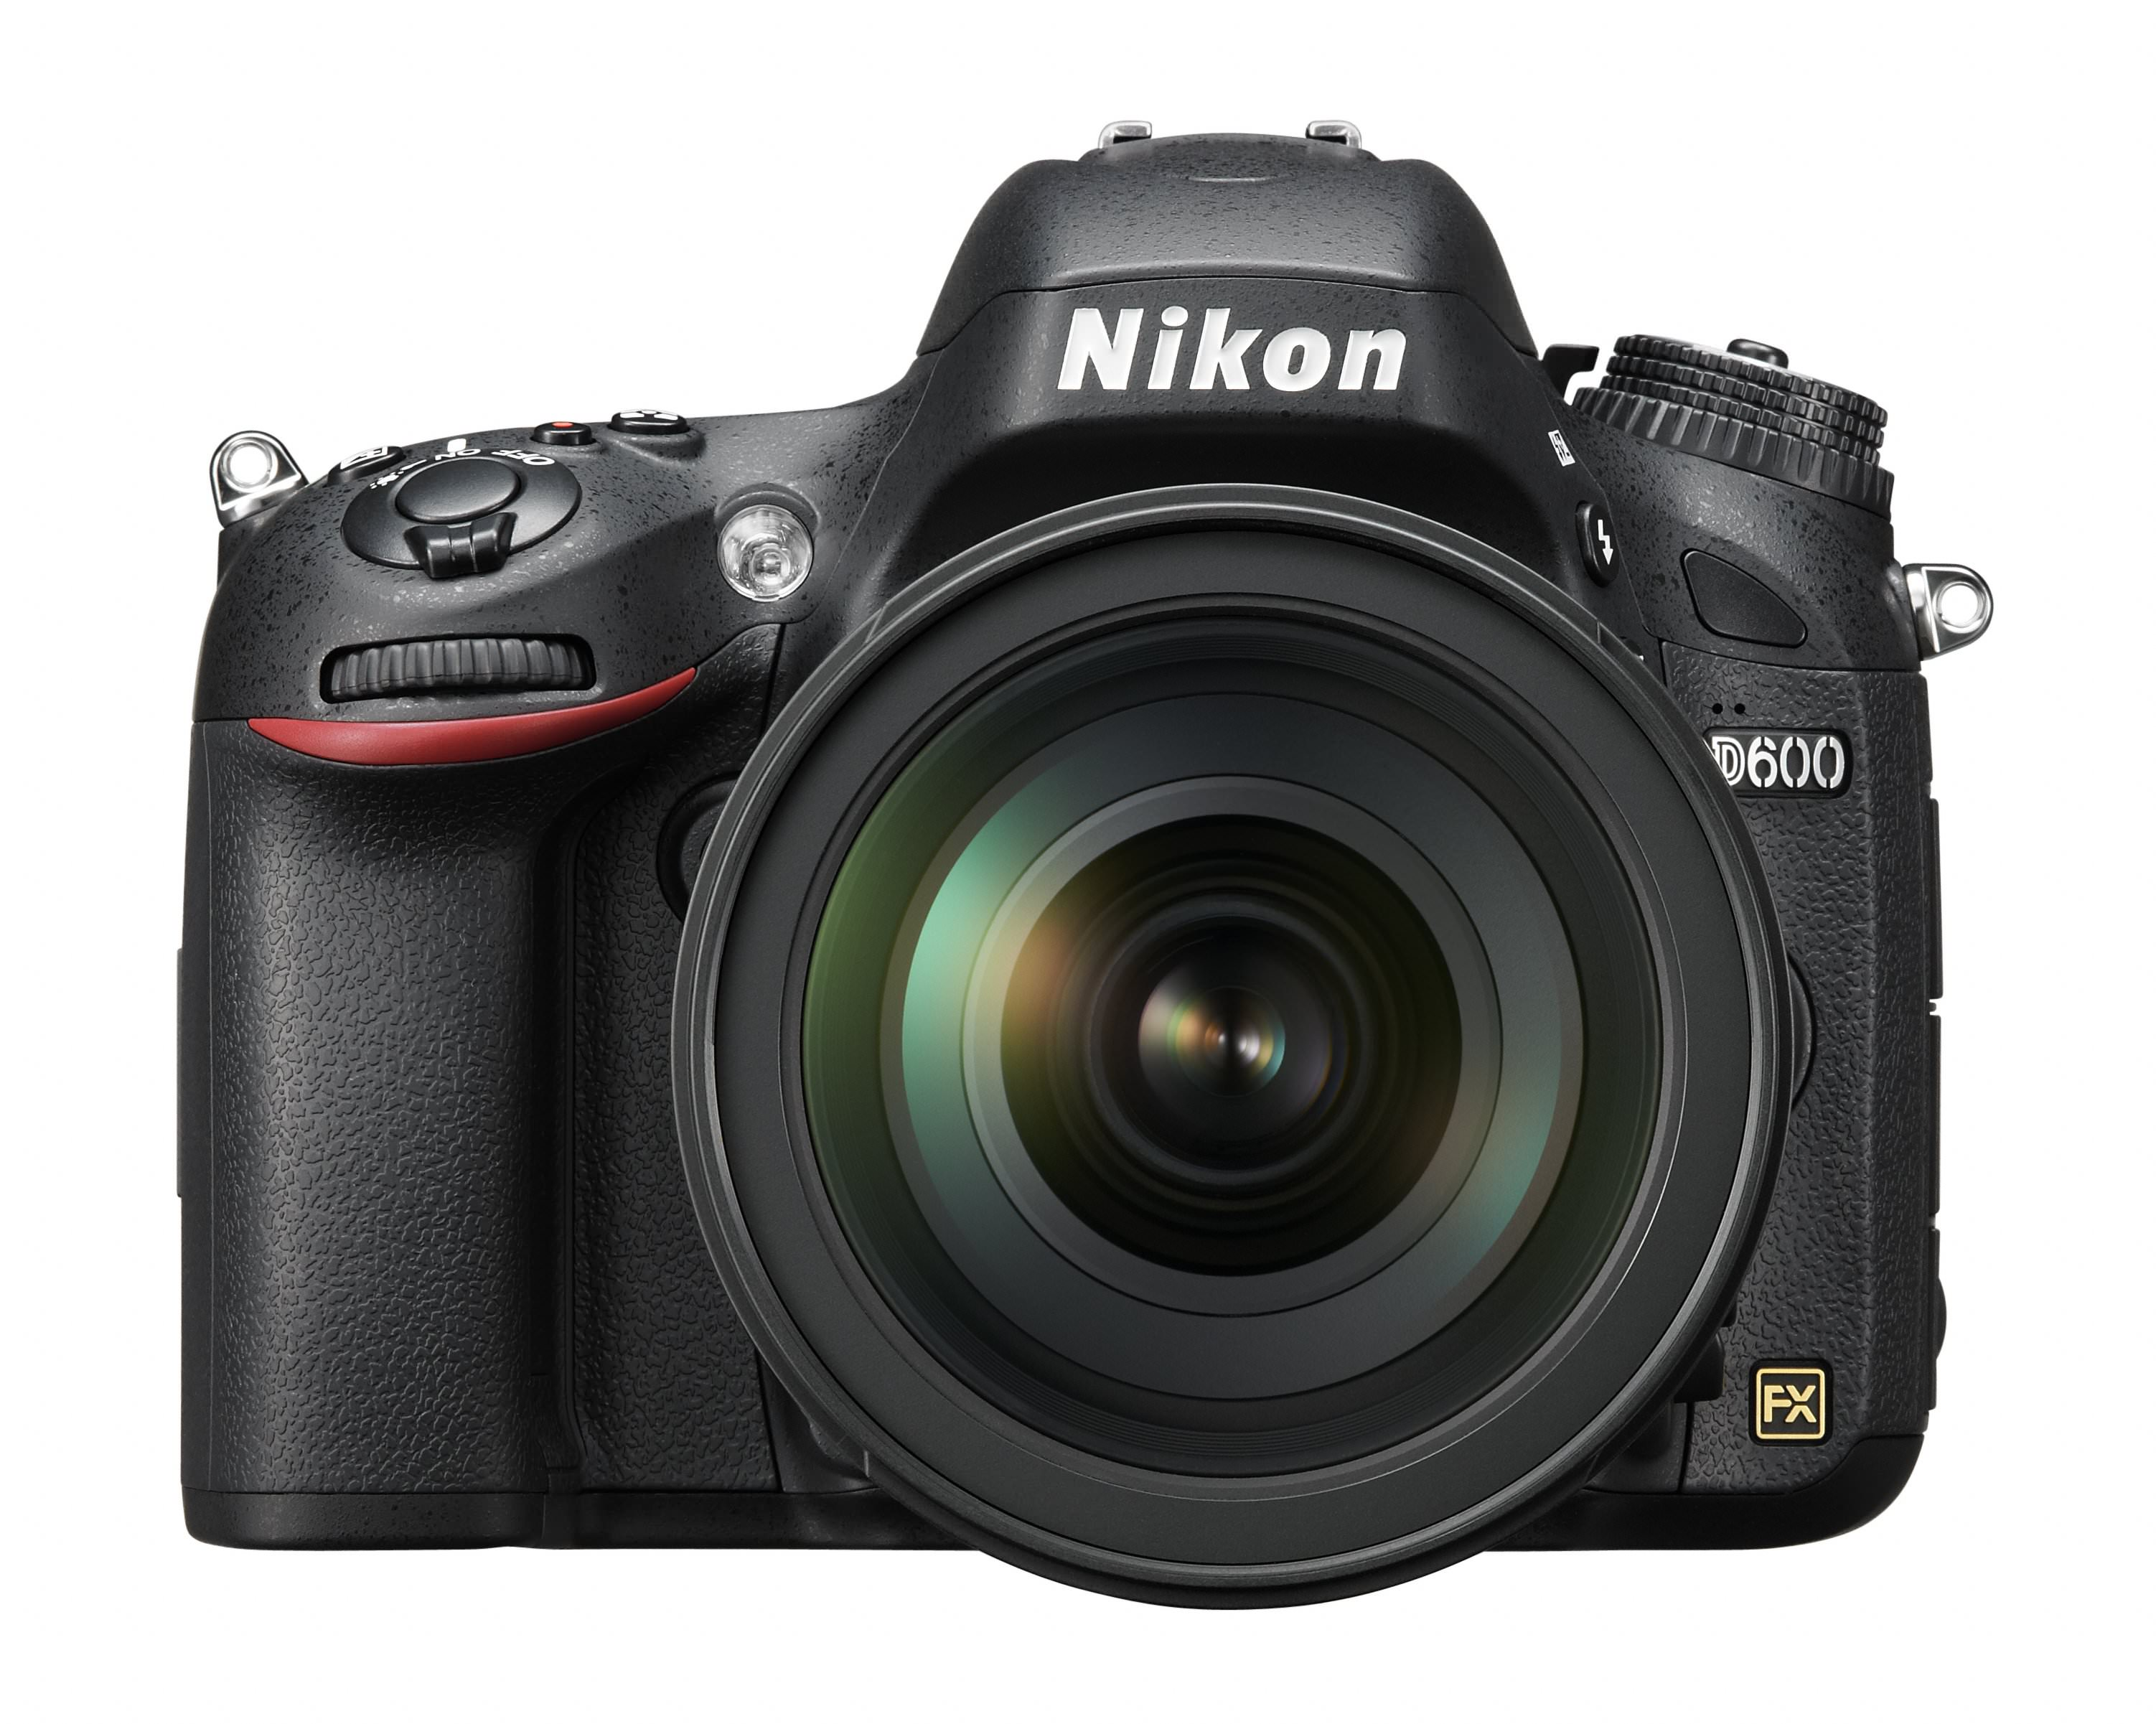 D600 28 300 front image